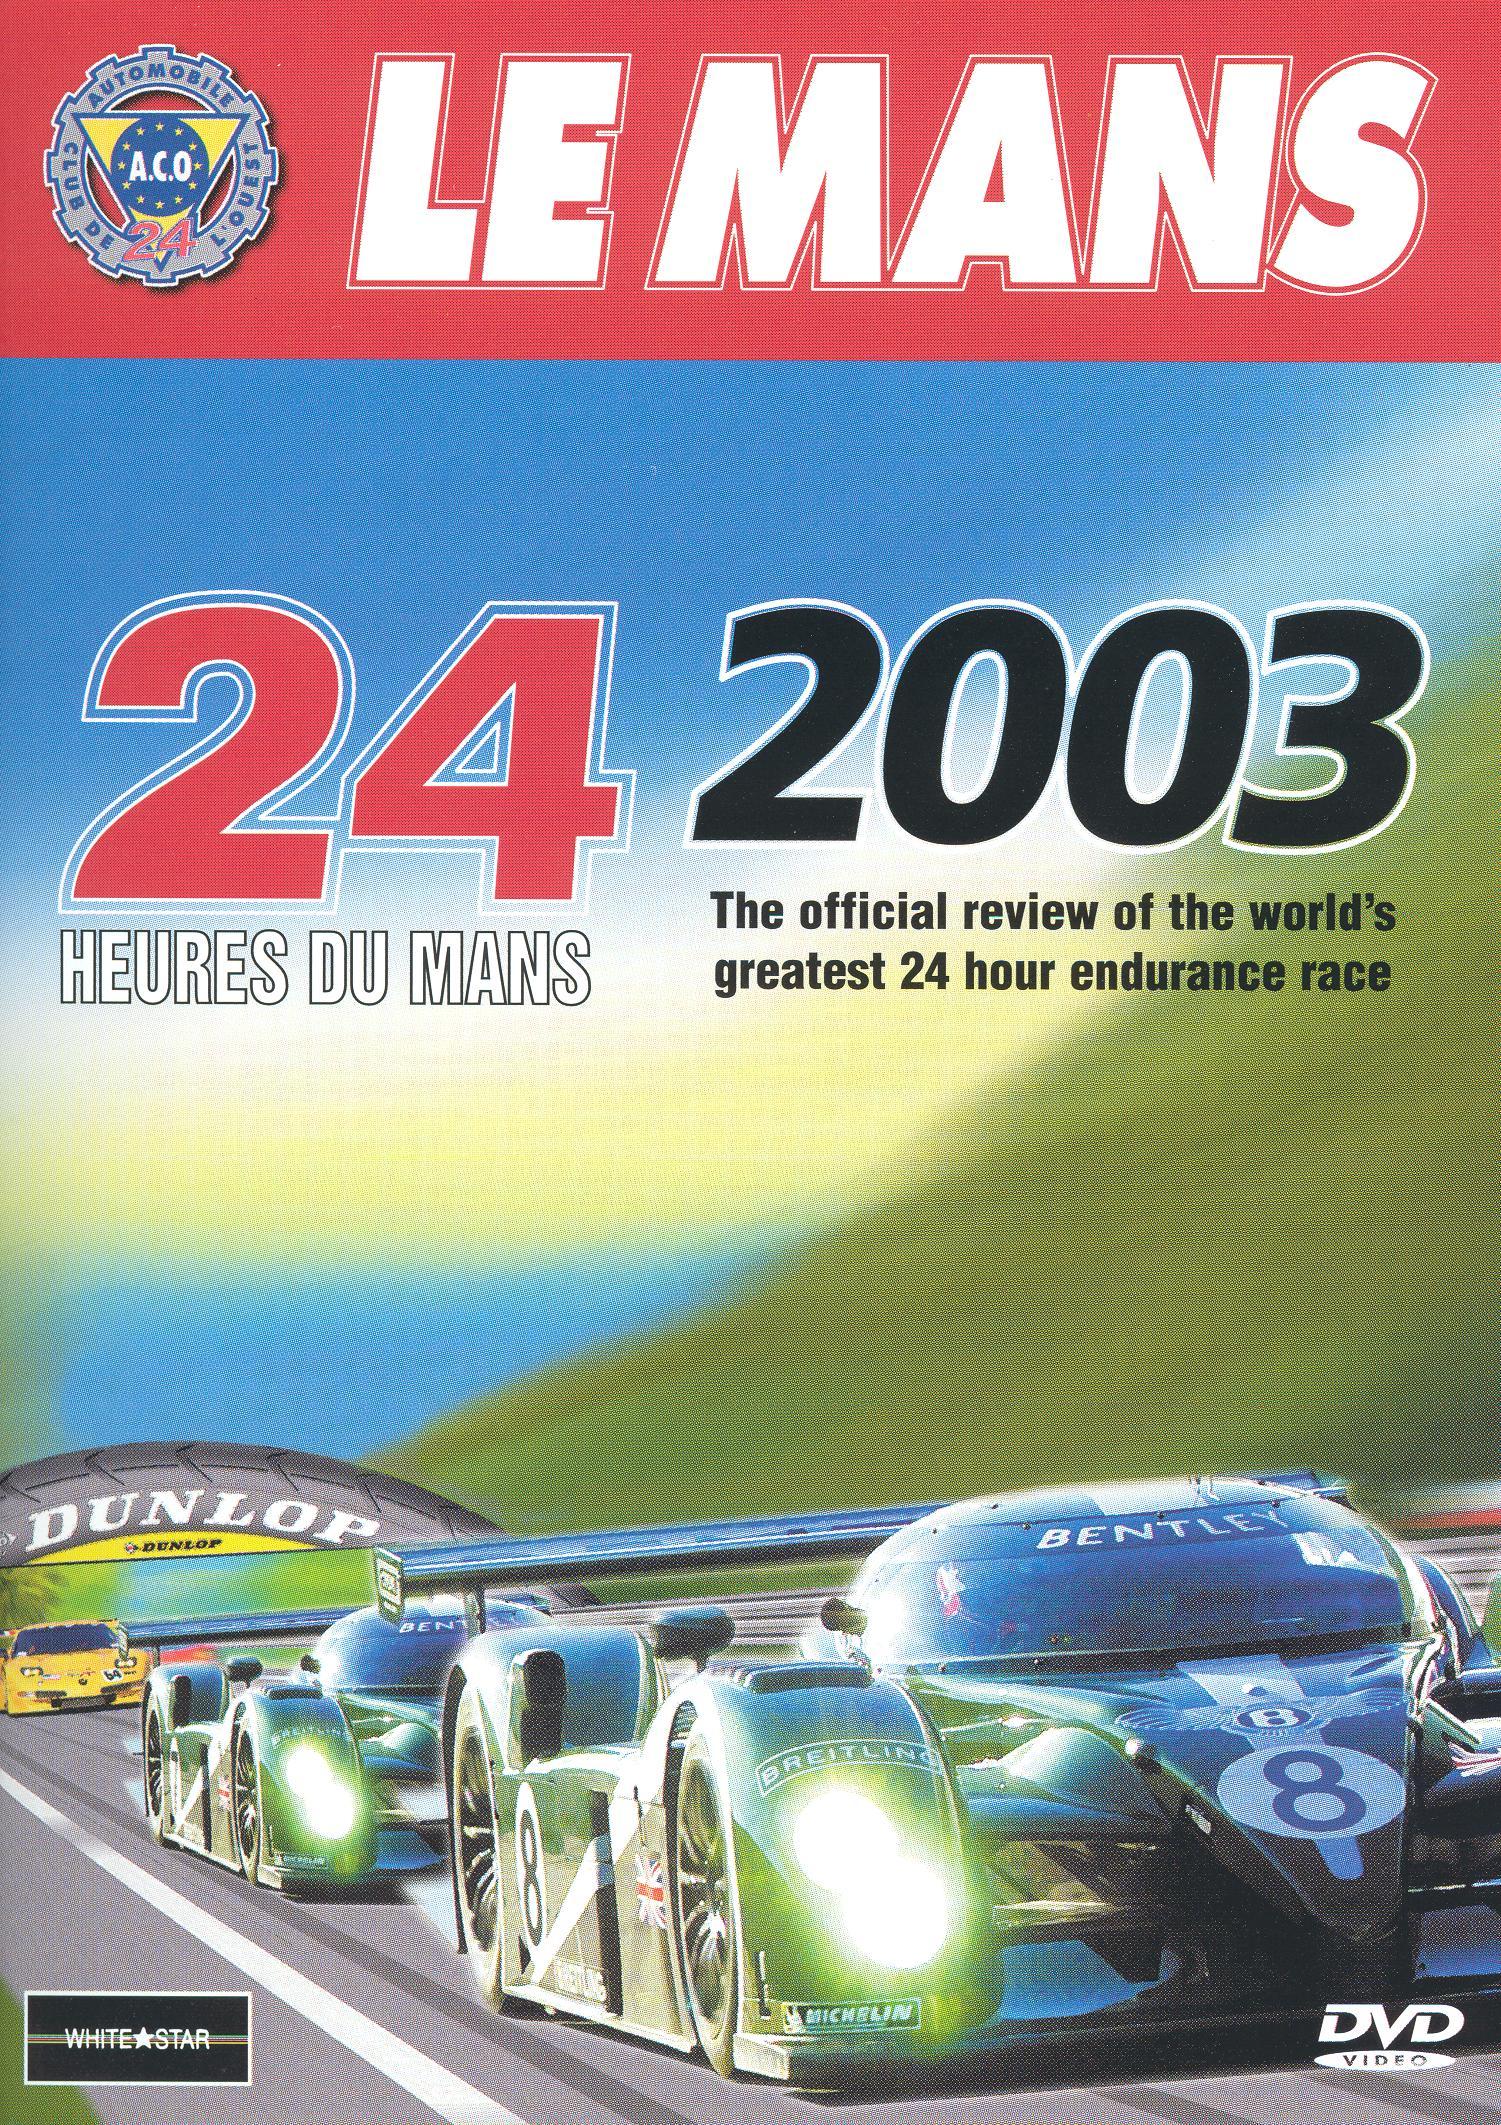 24 Heures du Mans: Le Mans 2003 Official Review